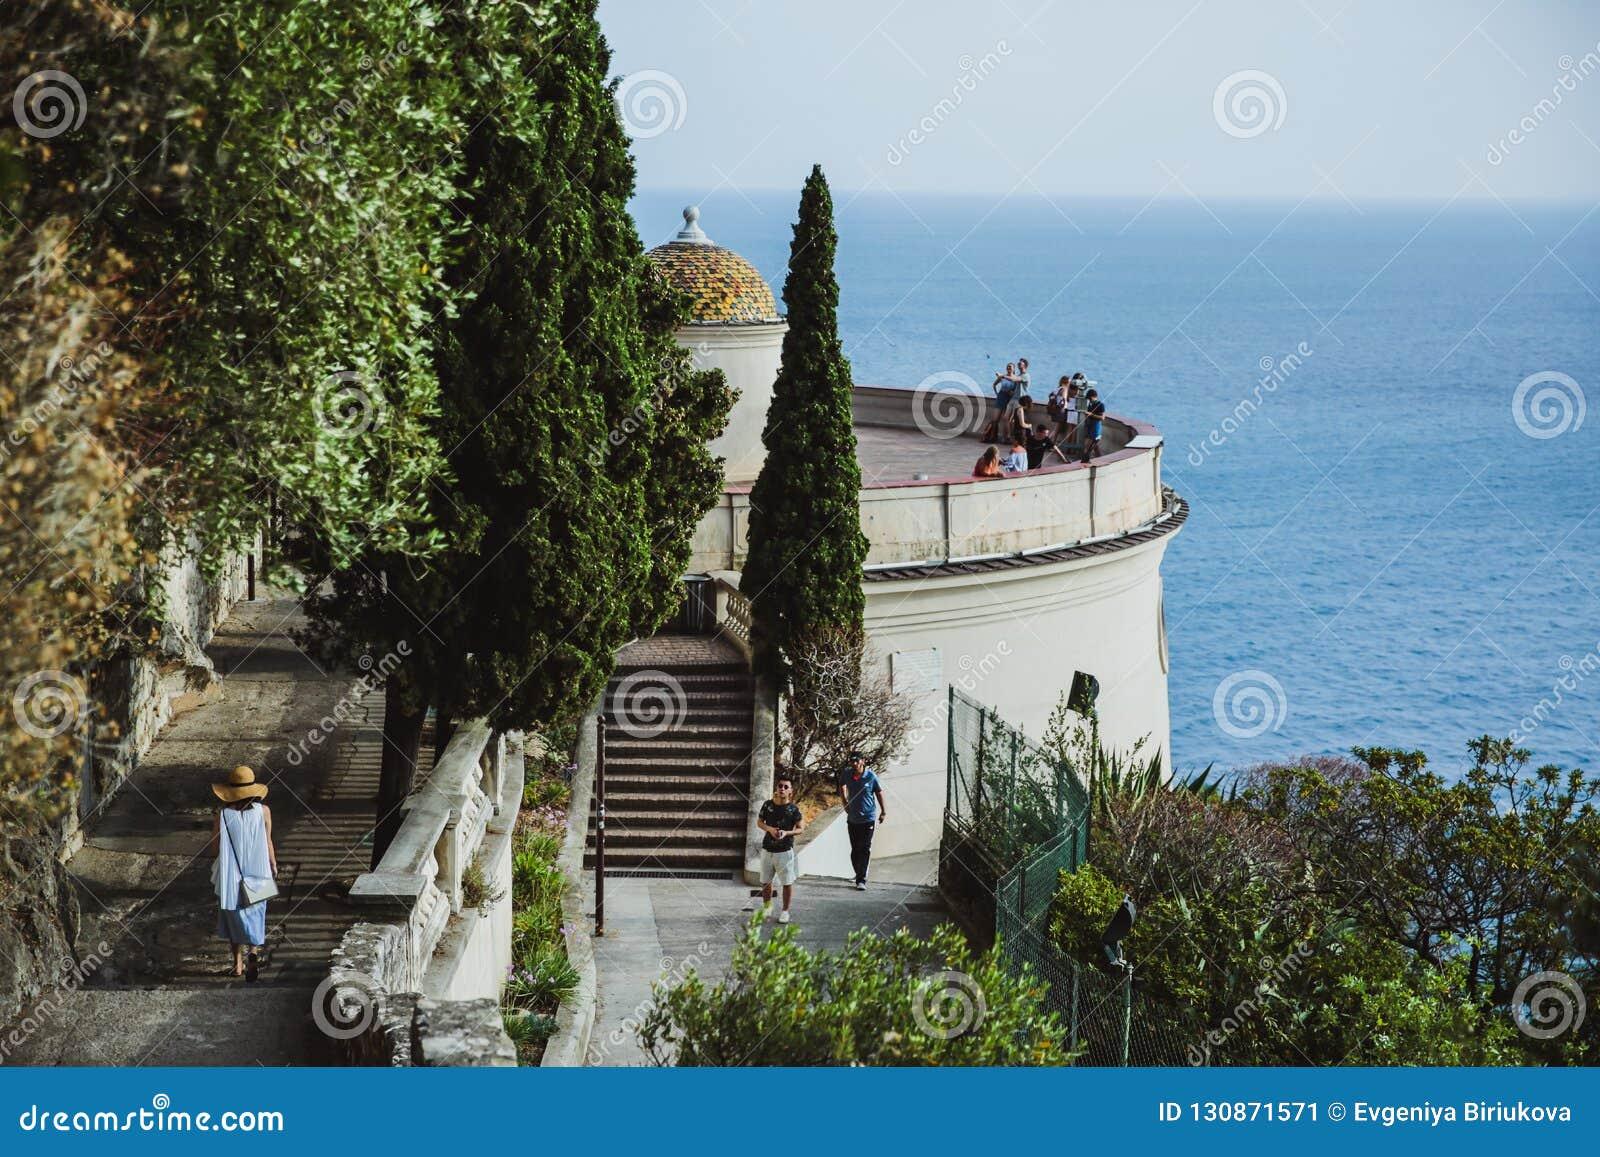 СЛАВНЫЙ, ФРАНЦИЯ - 26-ОЕ ИЮНЯ 2017: Женщина идет вниз с лестниц в смотровую площадку в холме замка или парк Colline du Замка в сл